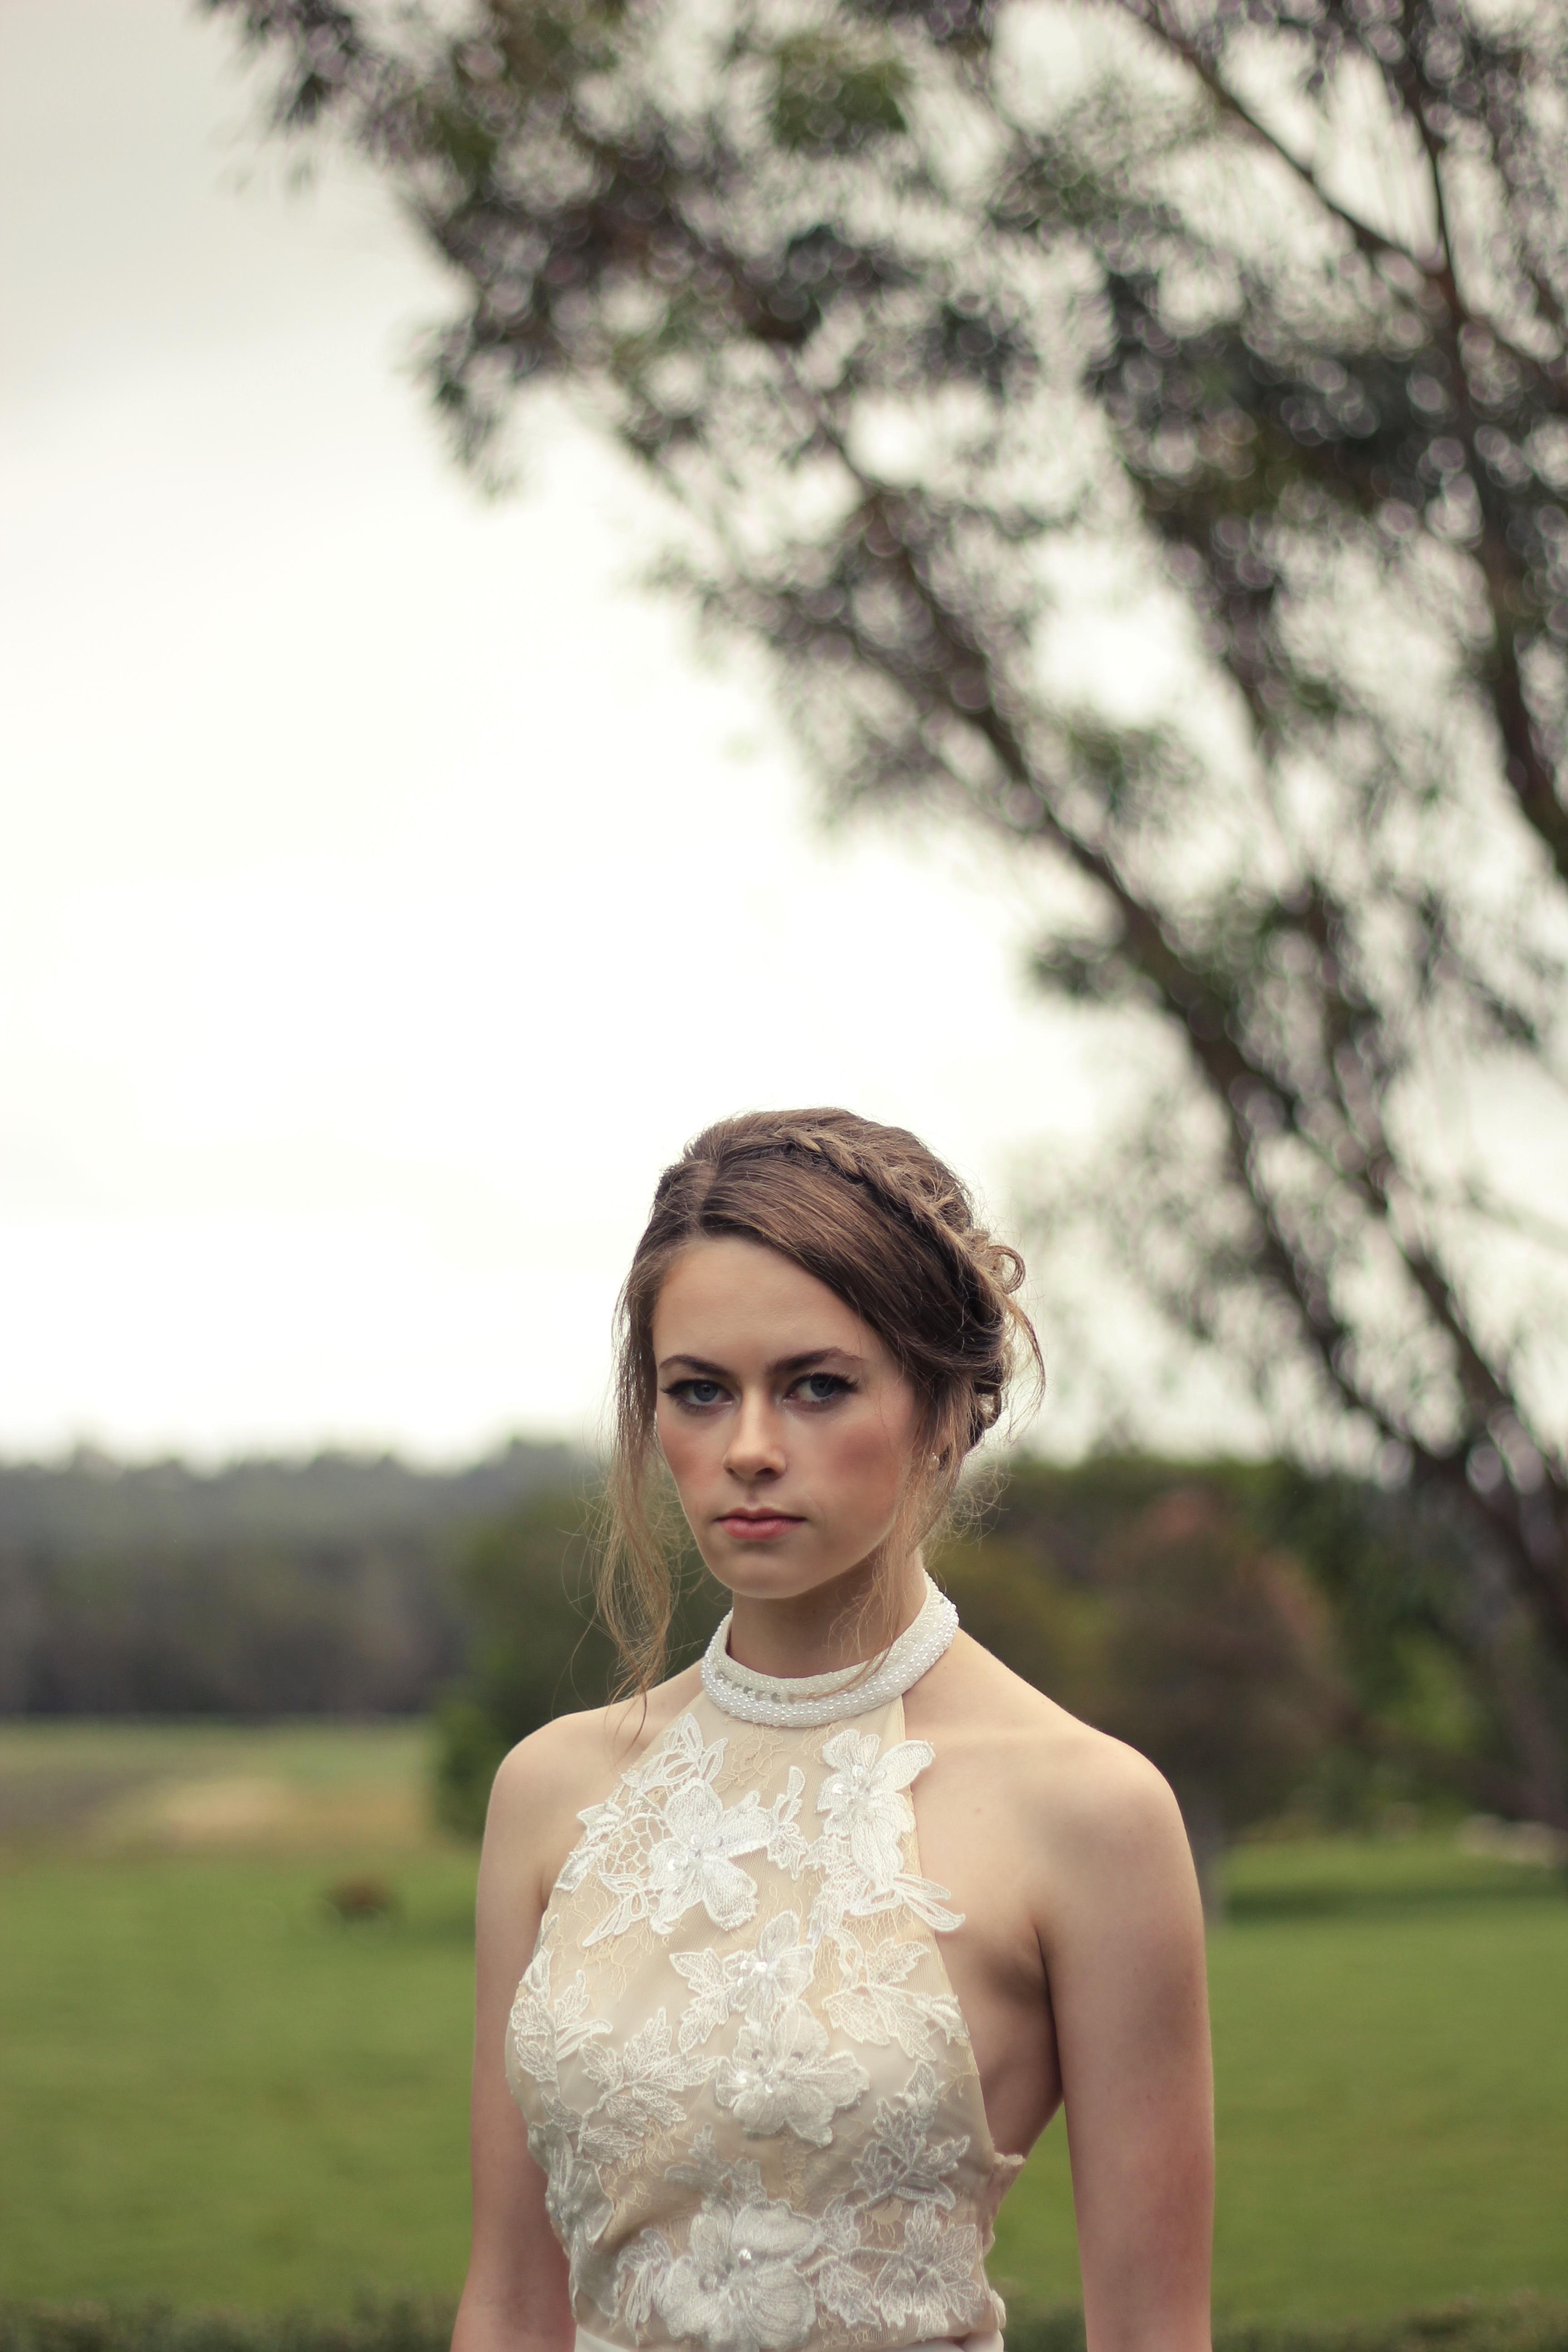 Gratis Afbeeldingen Meisje Vrouw Haar Bloem Model